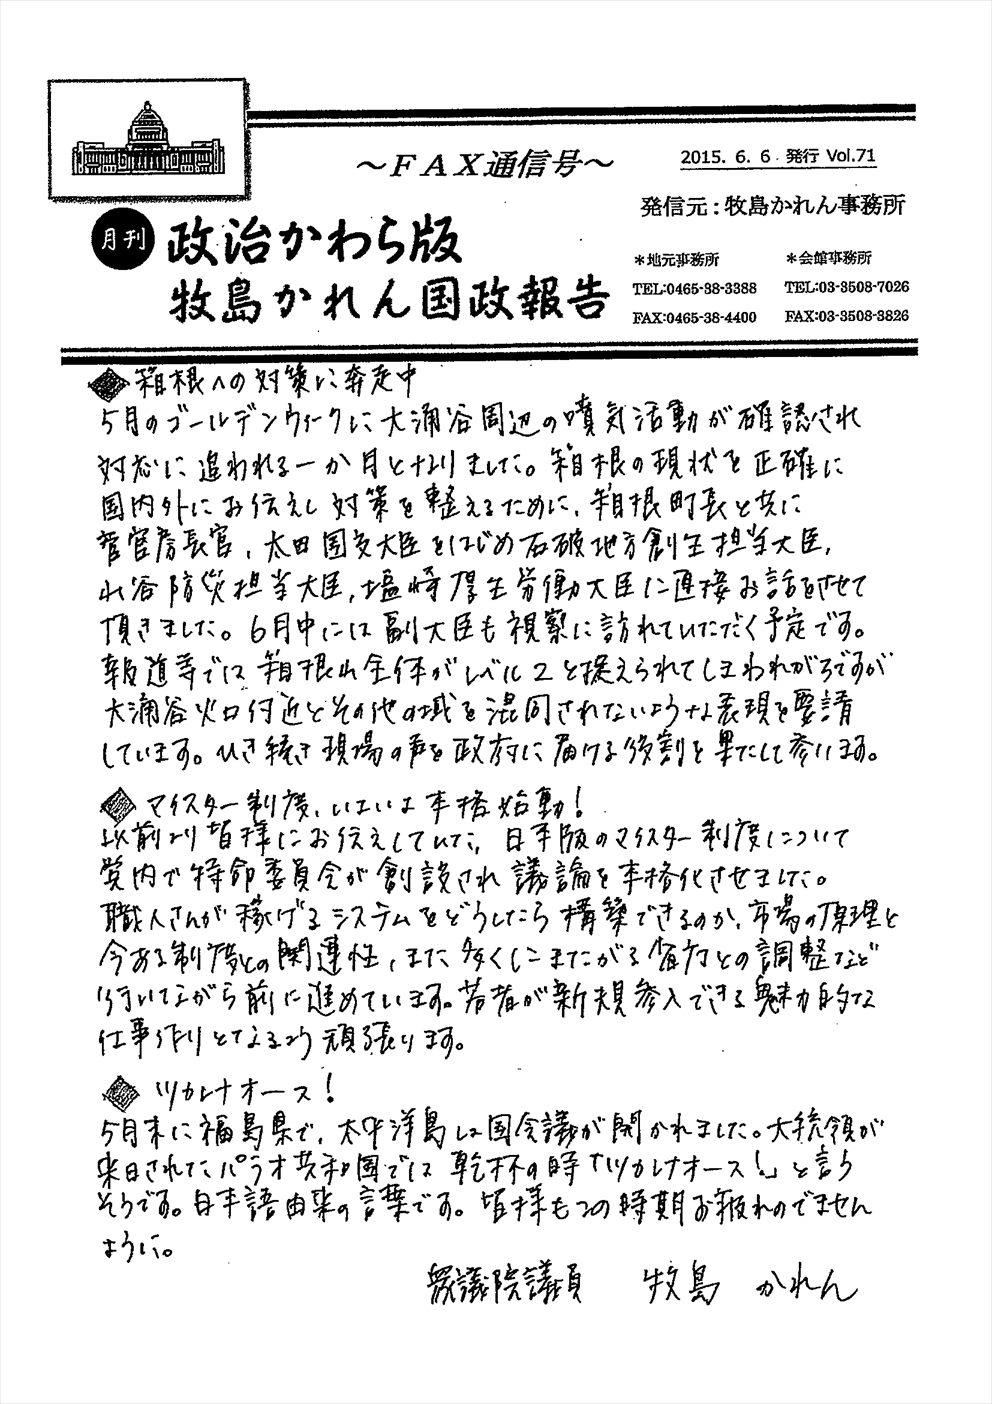 牧島かれん 政治かわら版6月号 Vol.71